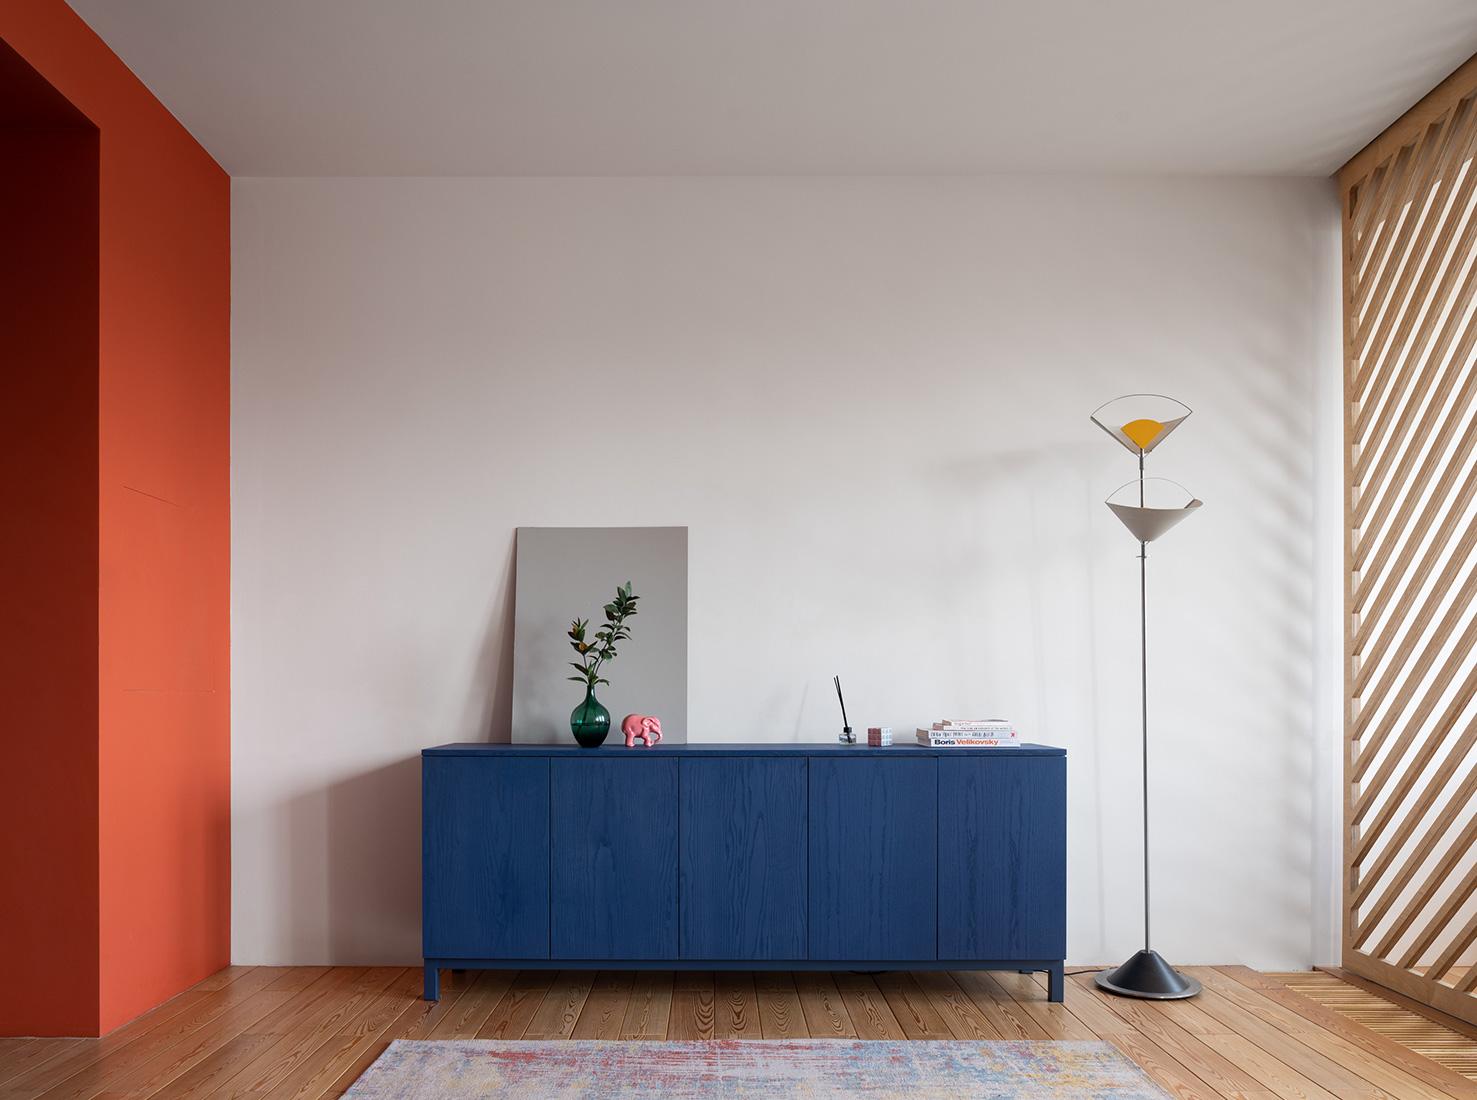 дизайн квартиры 70 кв. метров фото